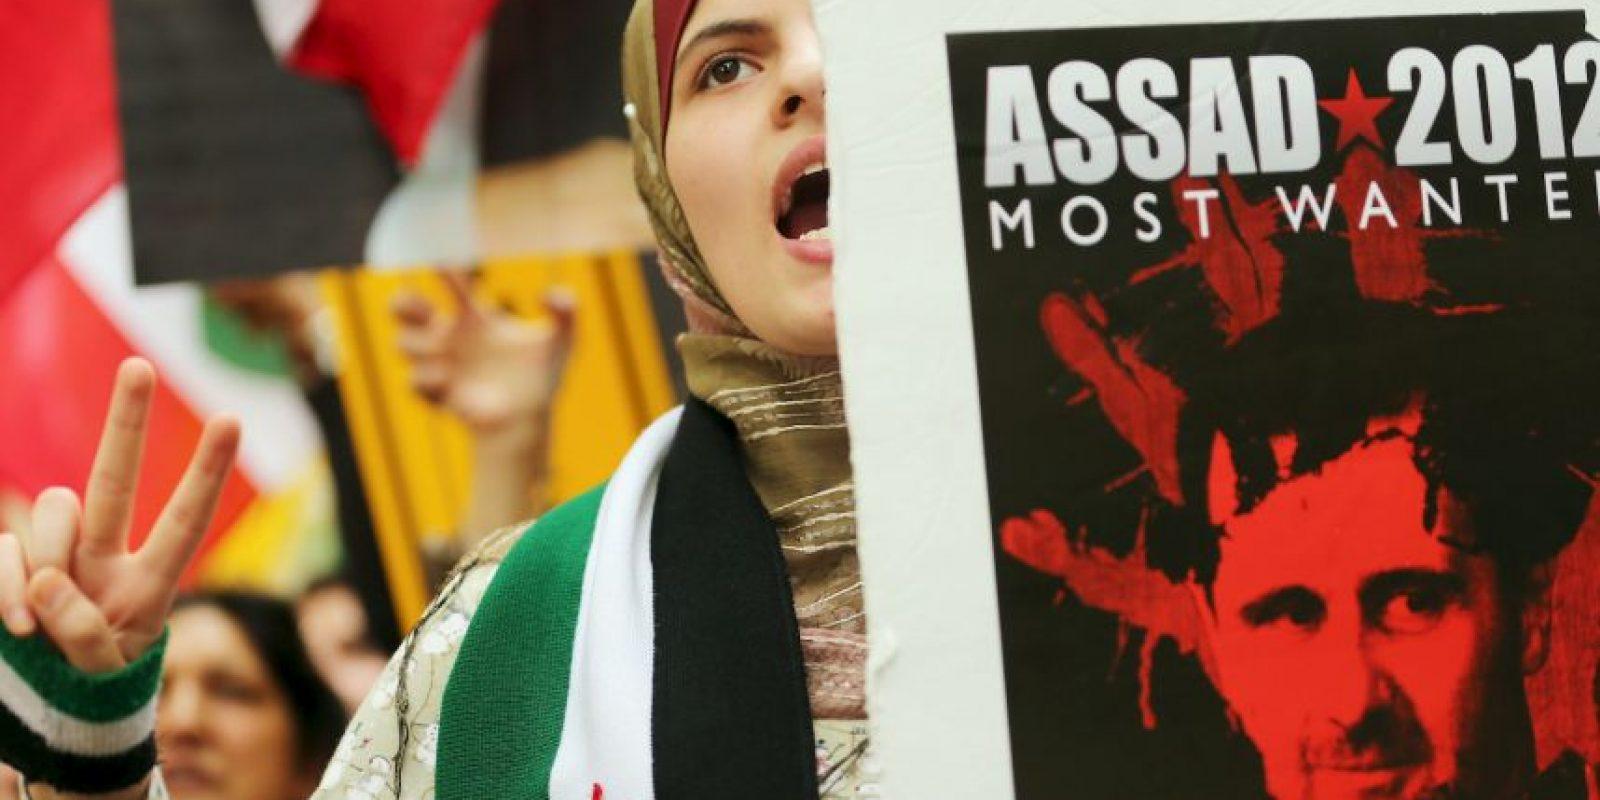 Al parecer mediante bombas de cloro se han intoxicado a muchos sirios. Foto:Getty Images